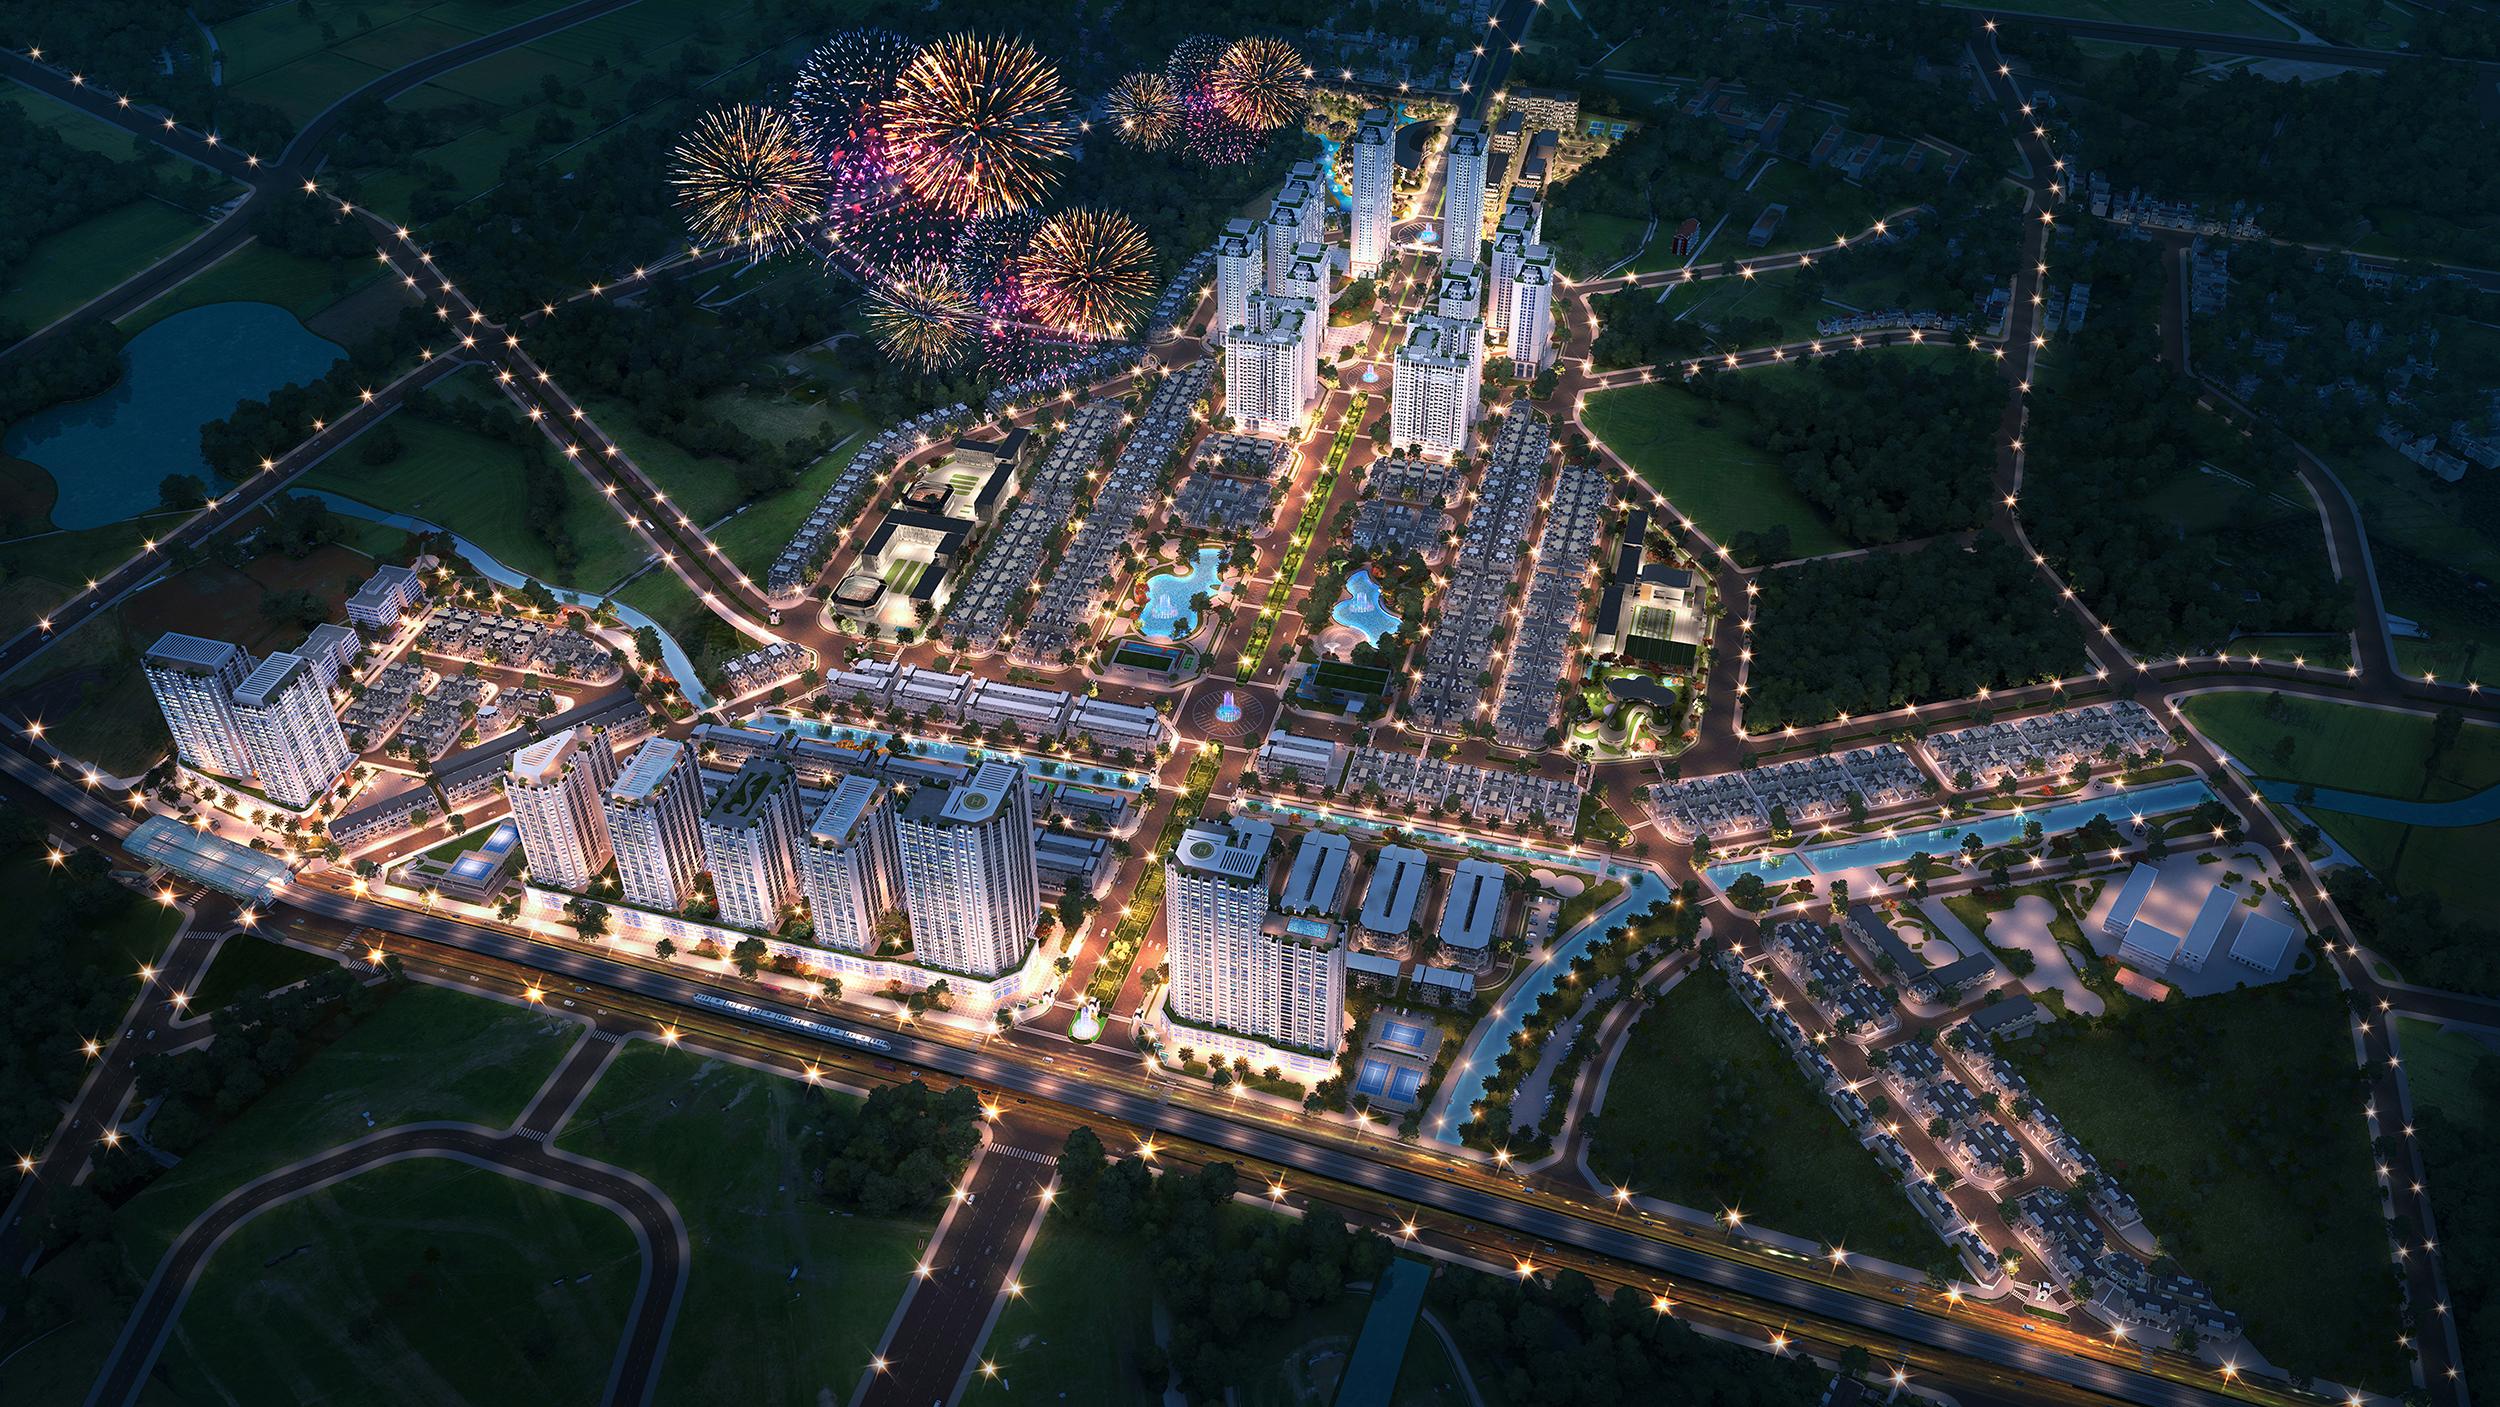 """Kiến tạo mô hình đô thị """"bán khép kín"""" đầu tiên tại phía Tây Hà Nội, Anlac Group tiếp tục khẳng định vị thế trên thị trường bất động sản - Ảnh 12."""